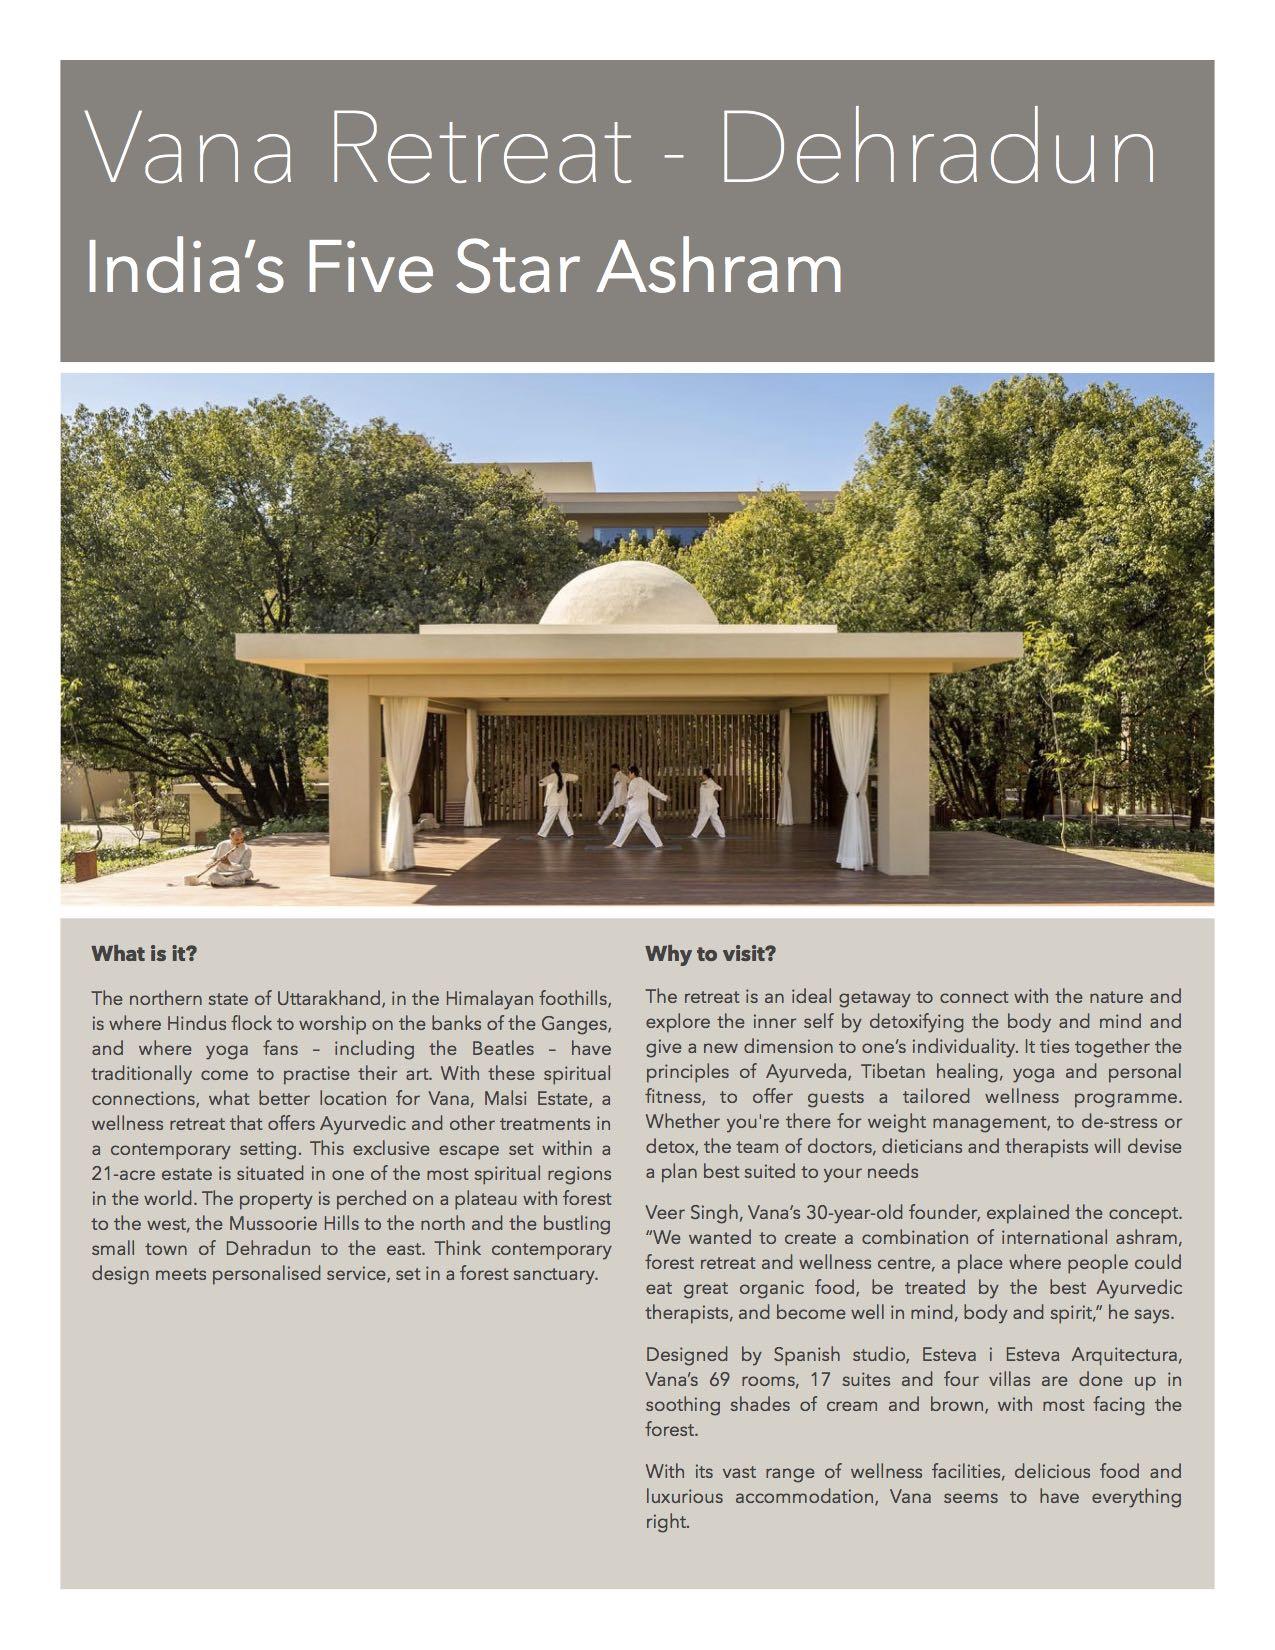 Vana Retreat - Your stay in Dehradun